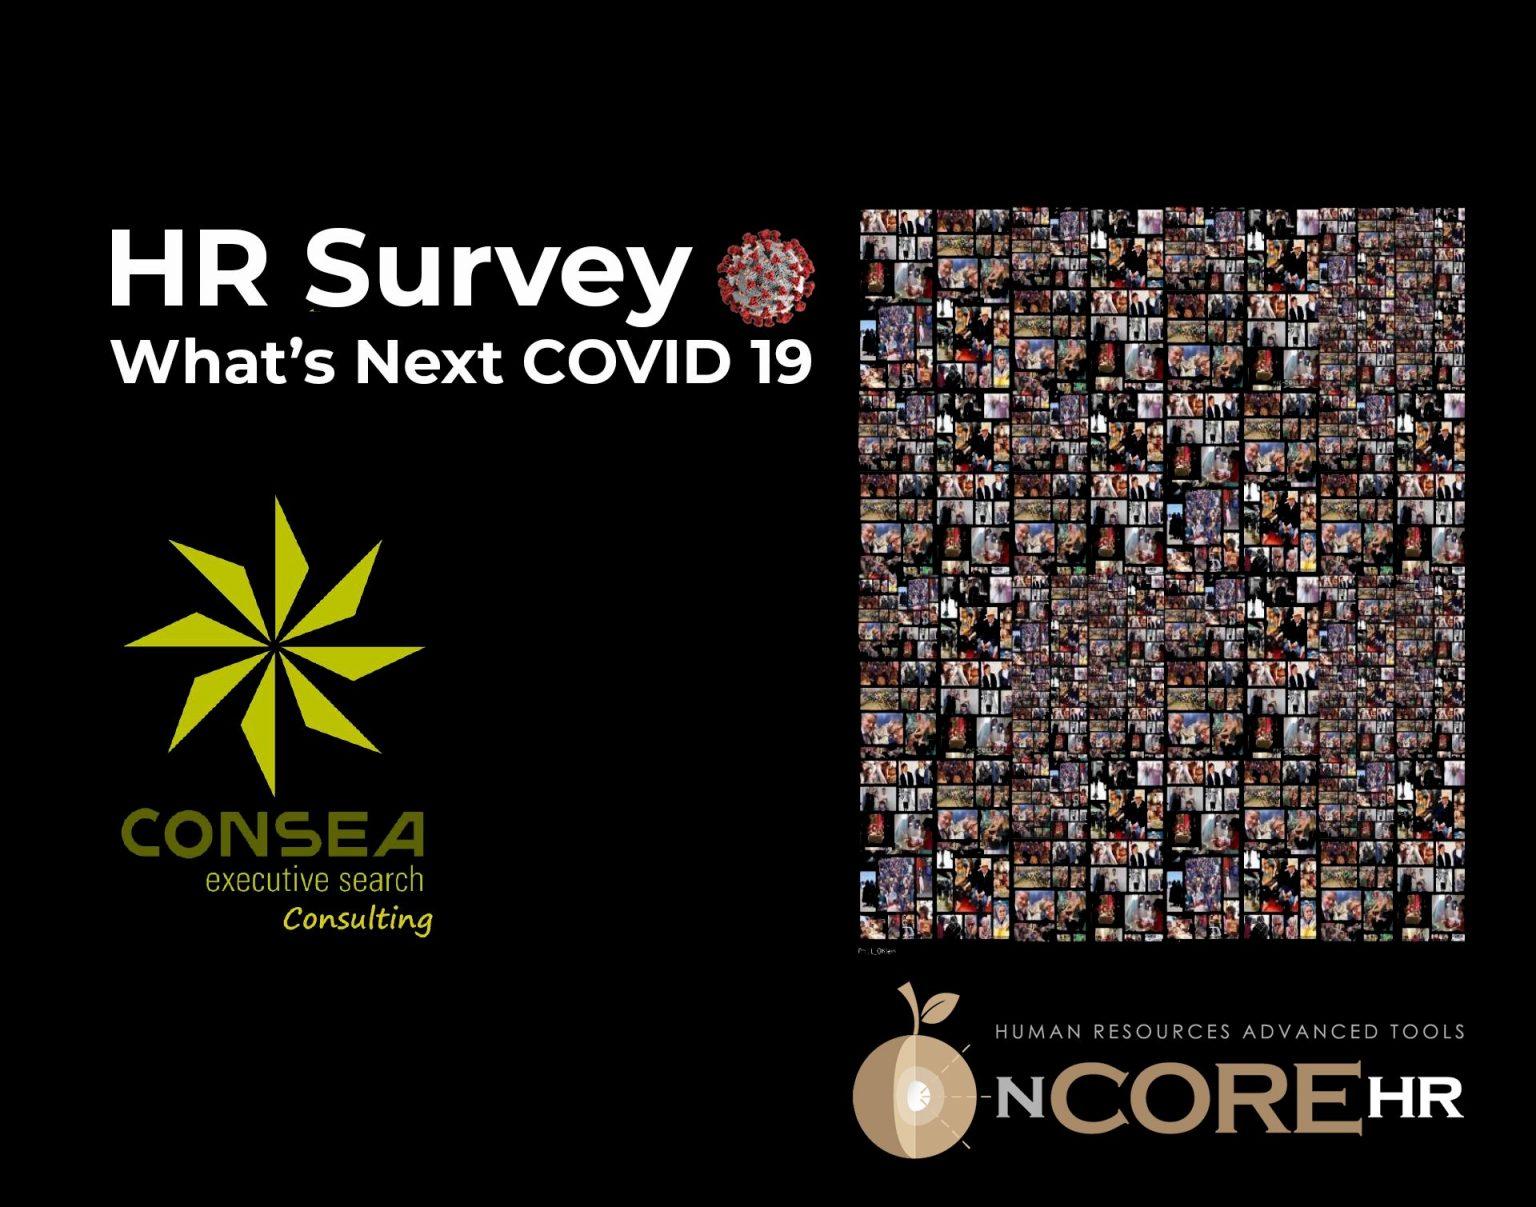 What next COVID 19: il punto di vista degli HR per il dopo emergenza